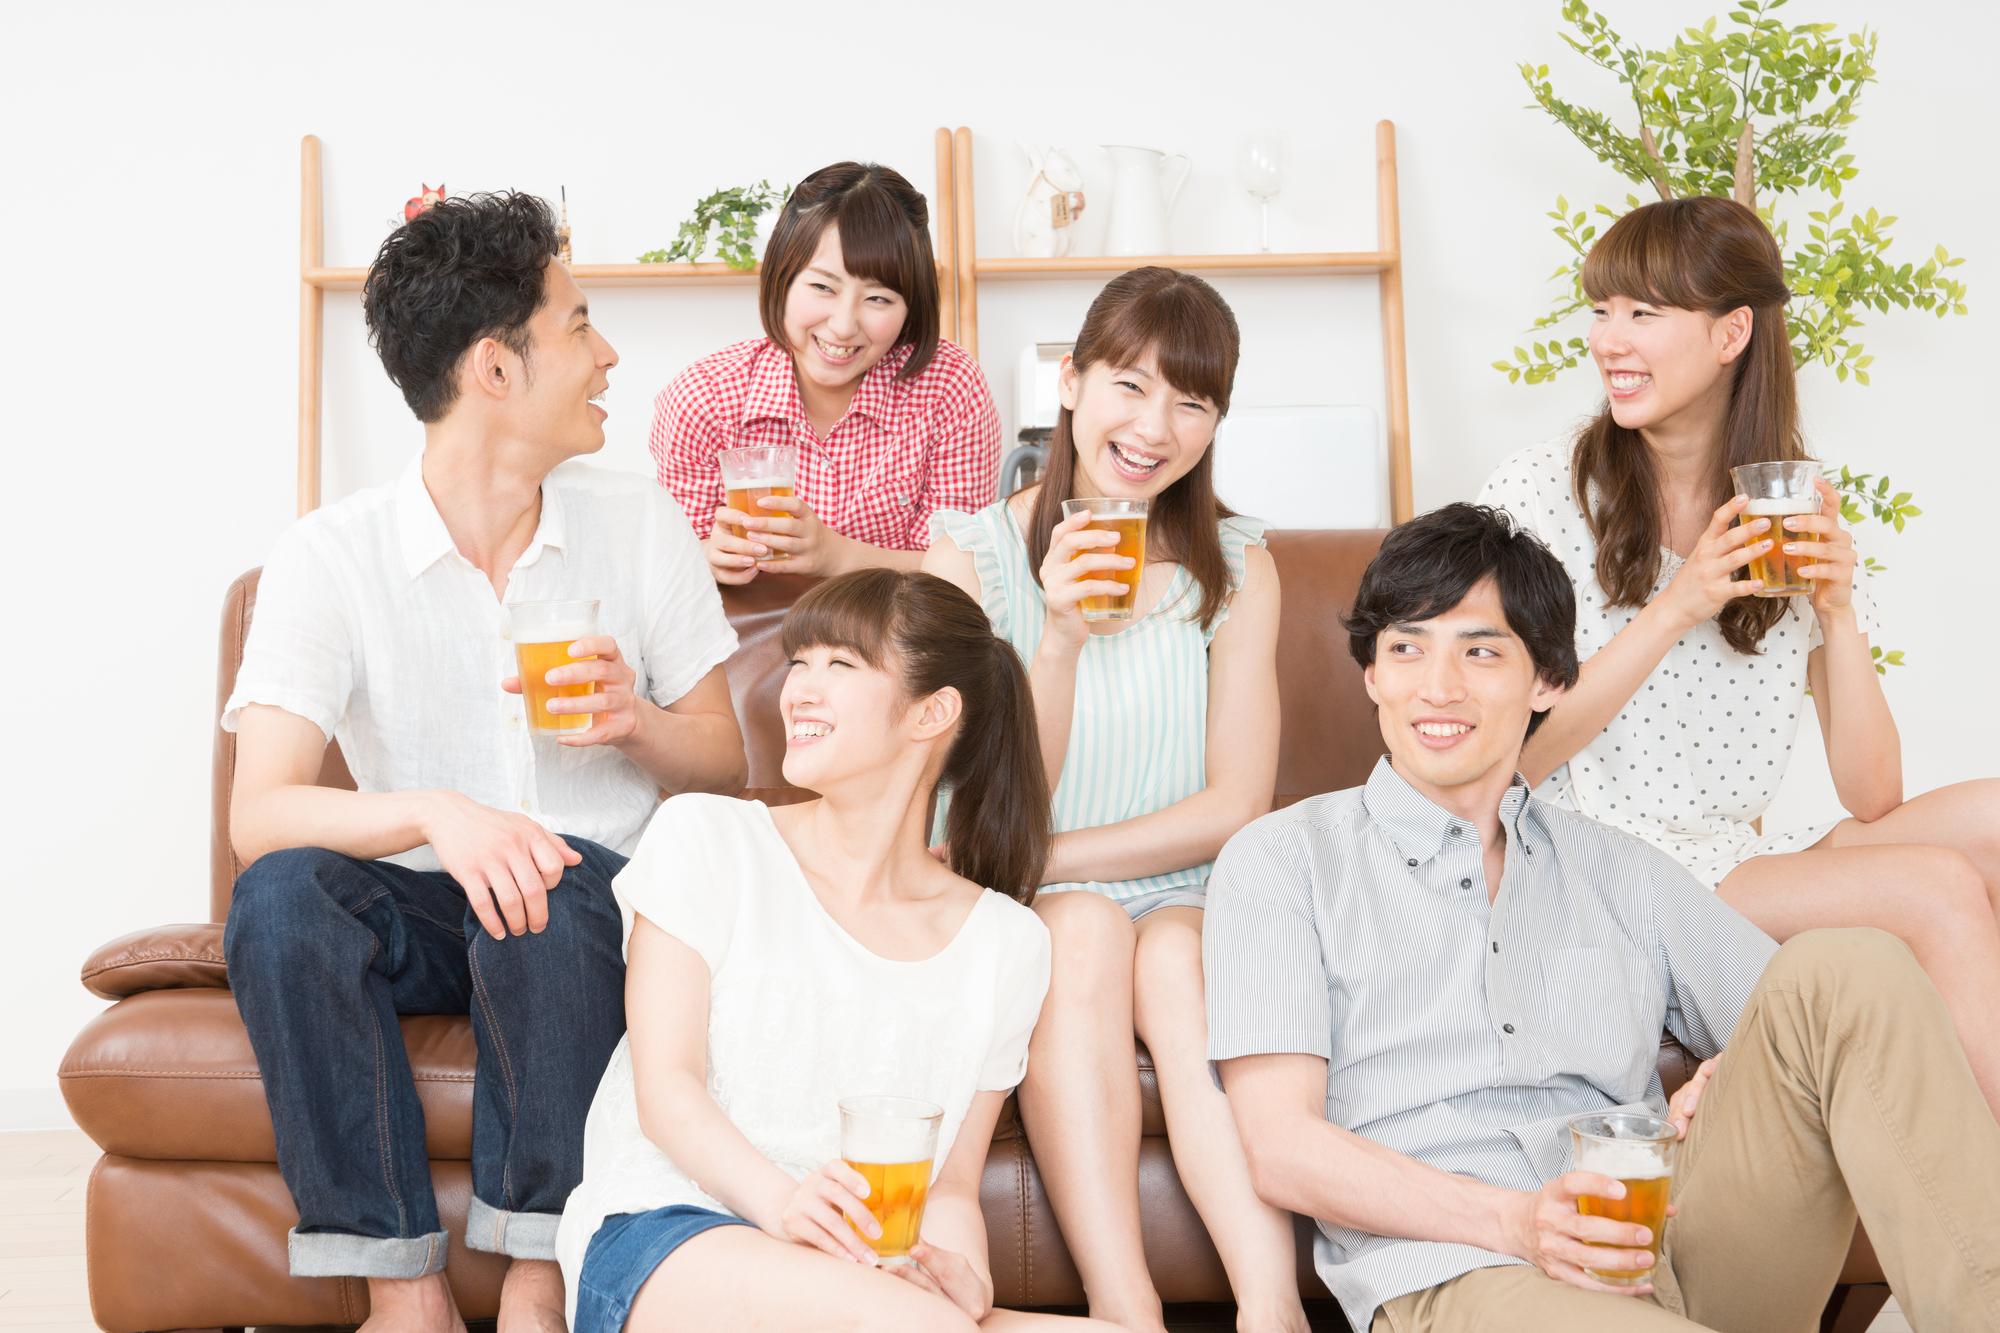 【予算一人3000円以内!】レンタルスペースでパーティーしよう!